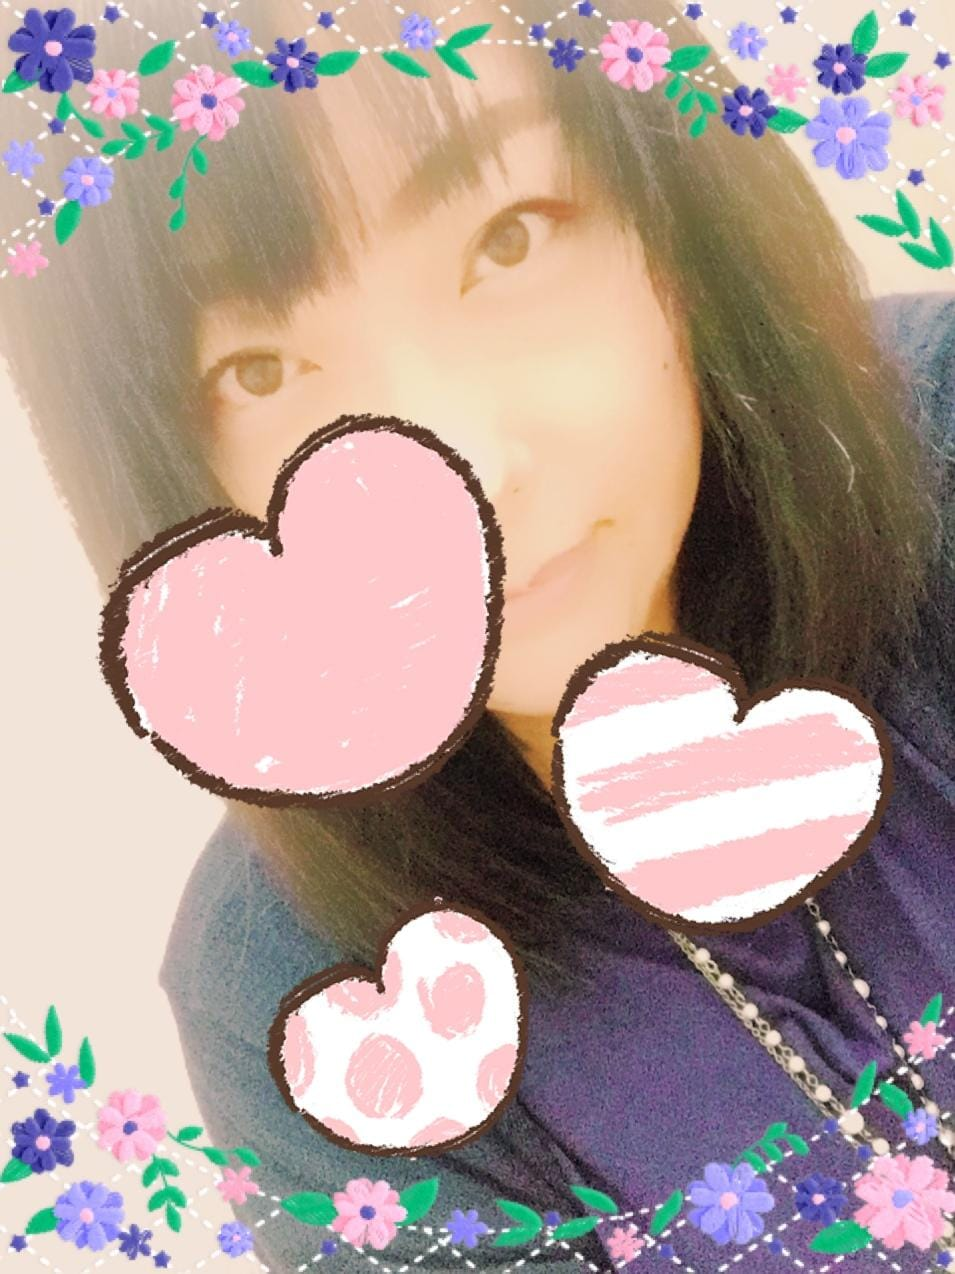 「るりです」05/20(月) 12:40 | るりの写メ・風俗動画